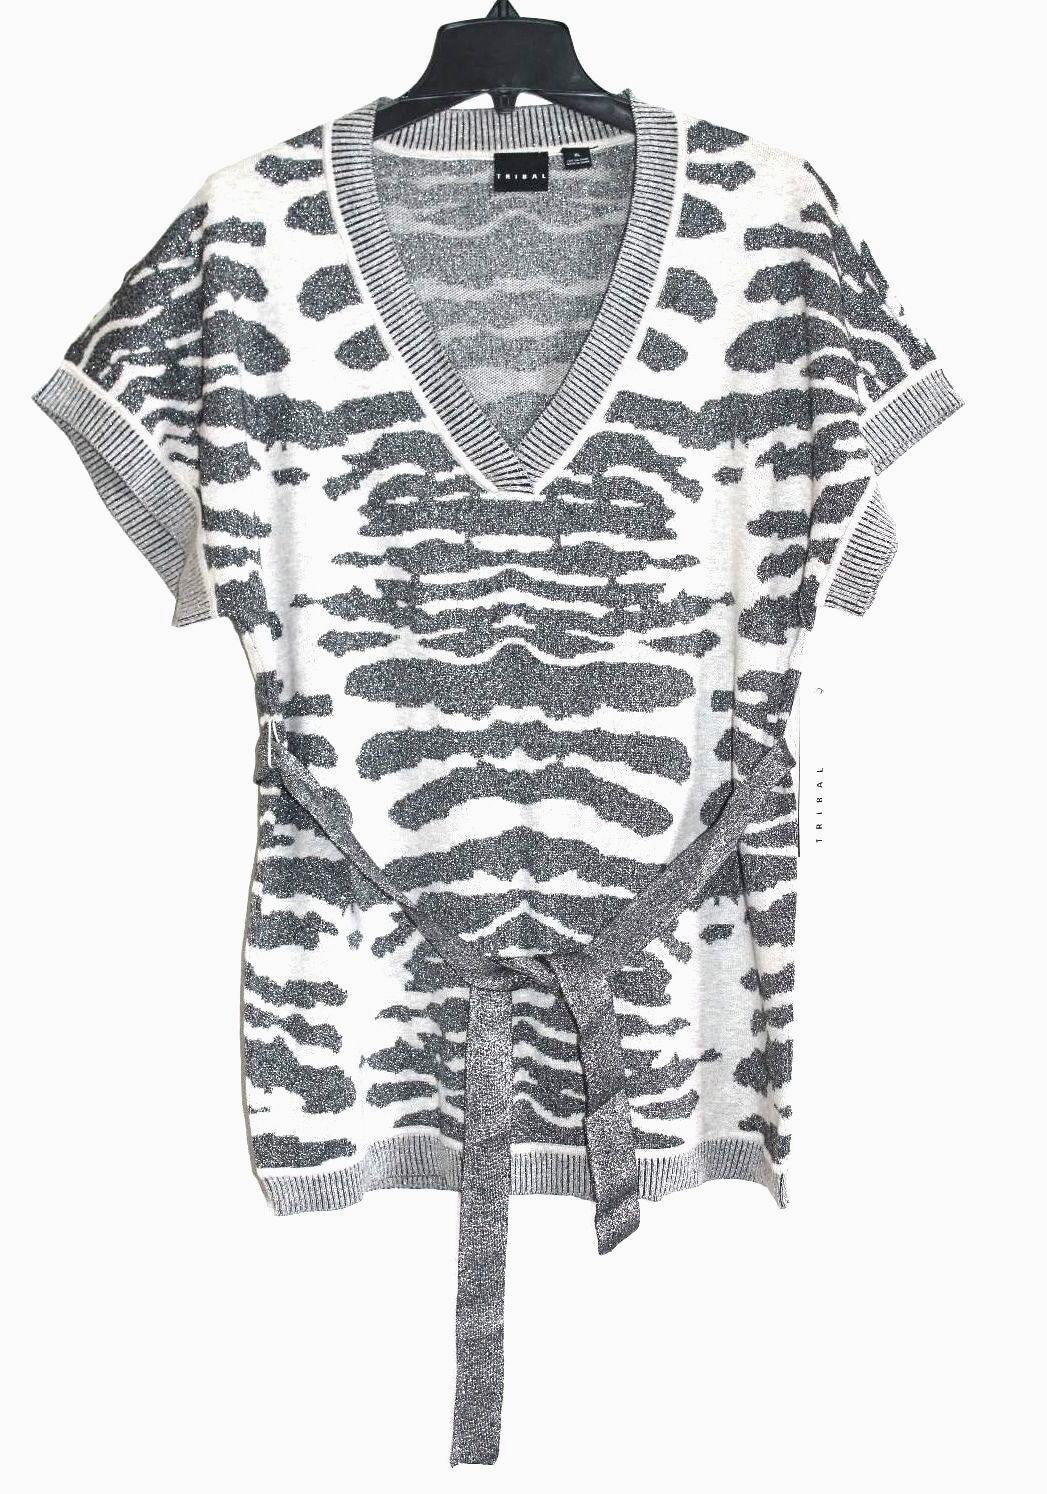 Tribal - Damen M - Nwt - - - Grau Silber Grau Tiermuster mit Gürtel Tunika Pullover | Erschwinglich  f409f8